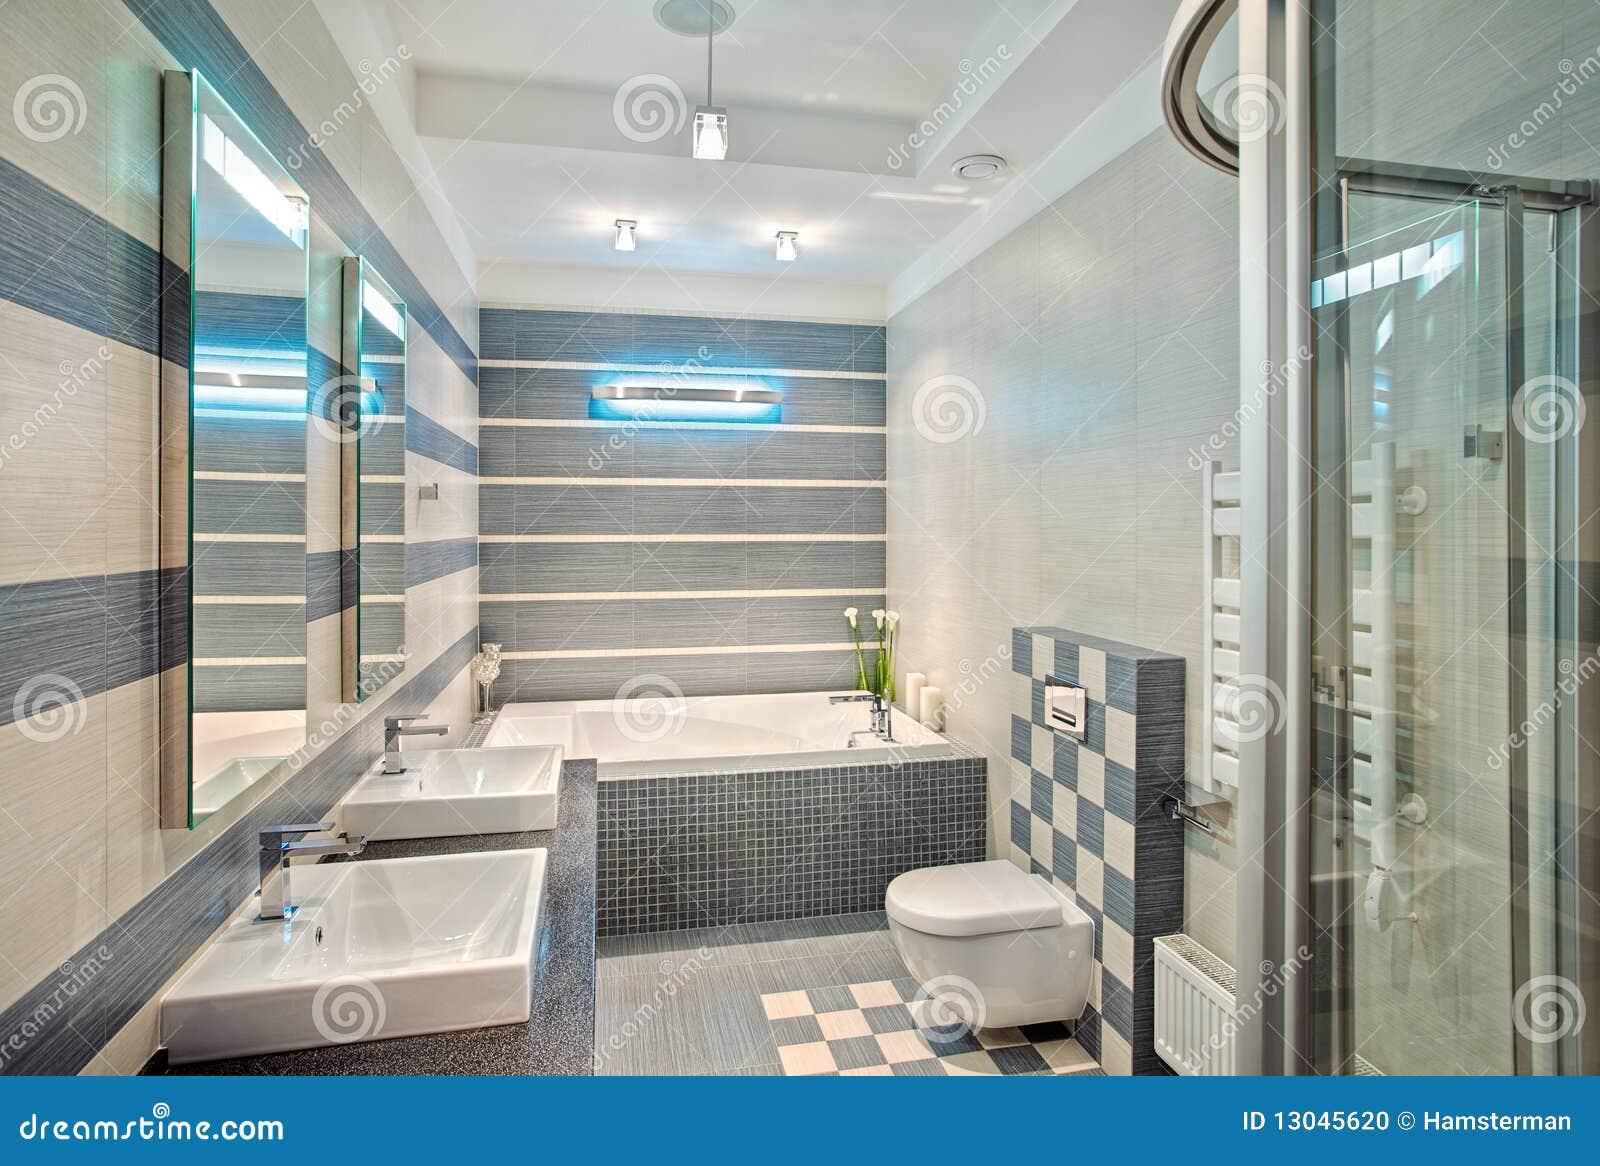 Salle De Bains Moderne Dans Des Sons Bleus Et Gris Avec La ...